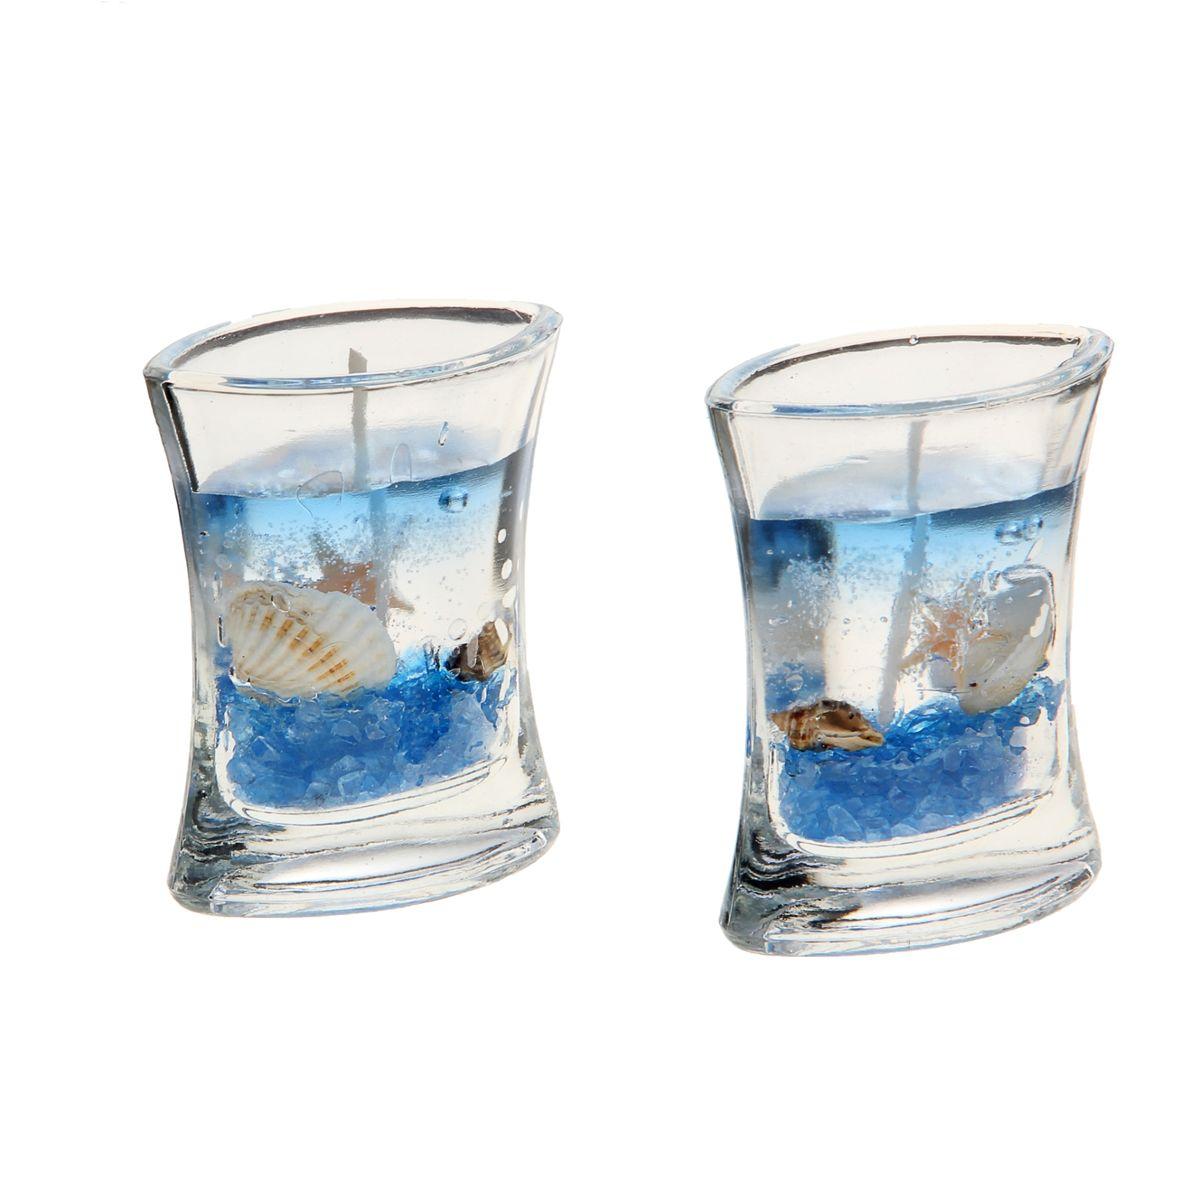 Набор декоративных свечей Sima-land Морское дно, цвет: голубой, прозрачный, 2 шт1029537Набор Sima-land Морское дно, изготовленный из геля, состоит из двух декоративных свечей. Свечи поставляются в подсвечниках в виде стеклянных емкостей. Изделия оформлены ракушками и морскими звездами. Такой набор может стать отличным подарком или дополнить интерьер вашей комнаты. Размер свечи (по верхнему краю): 6,5 см х 4 см.